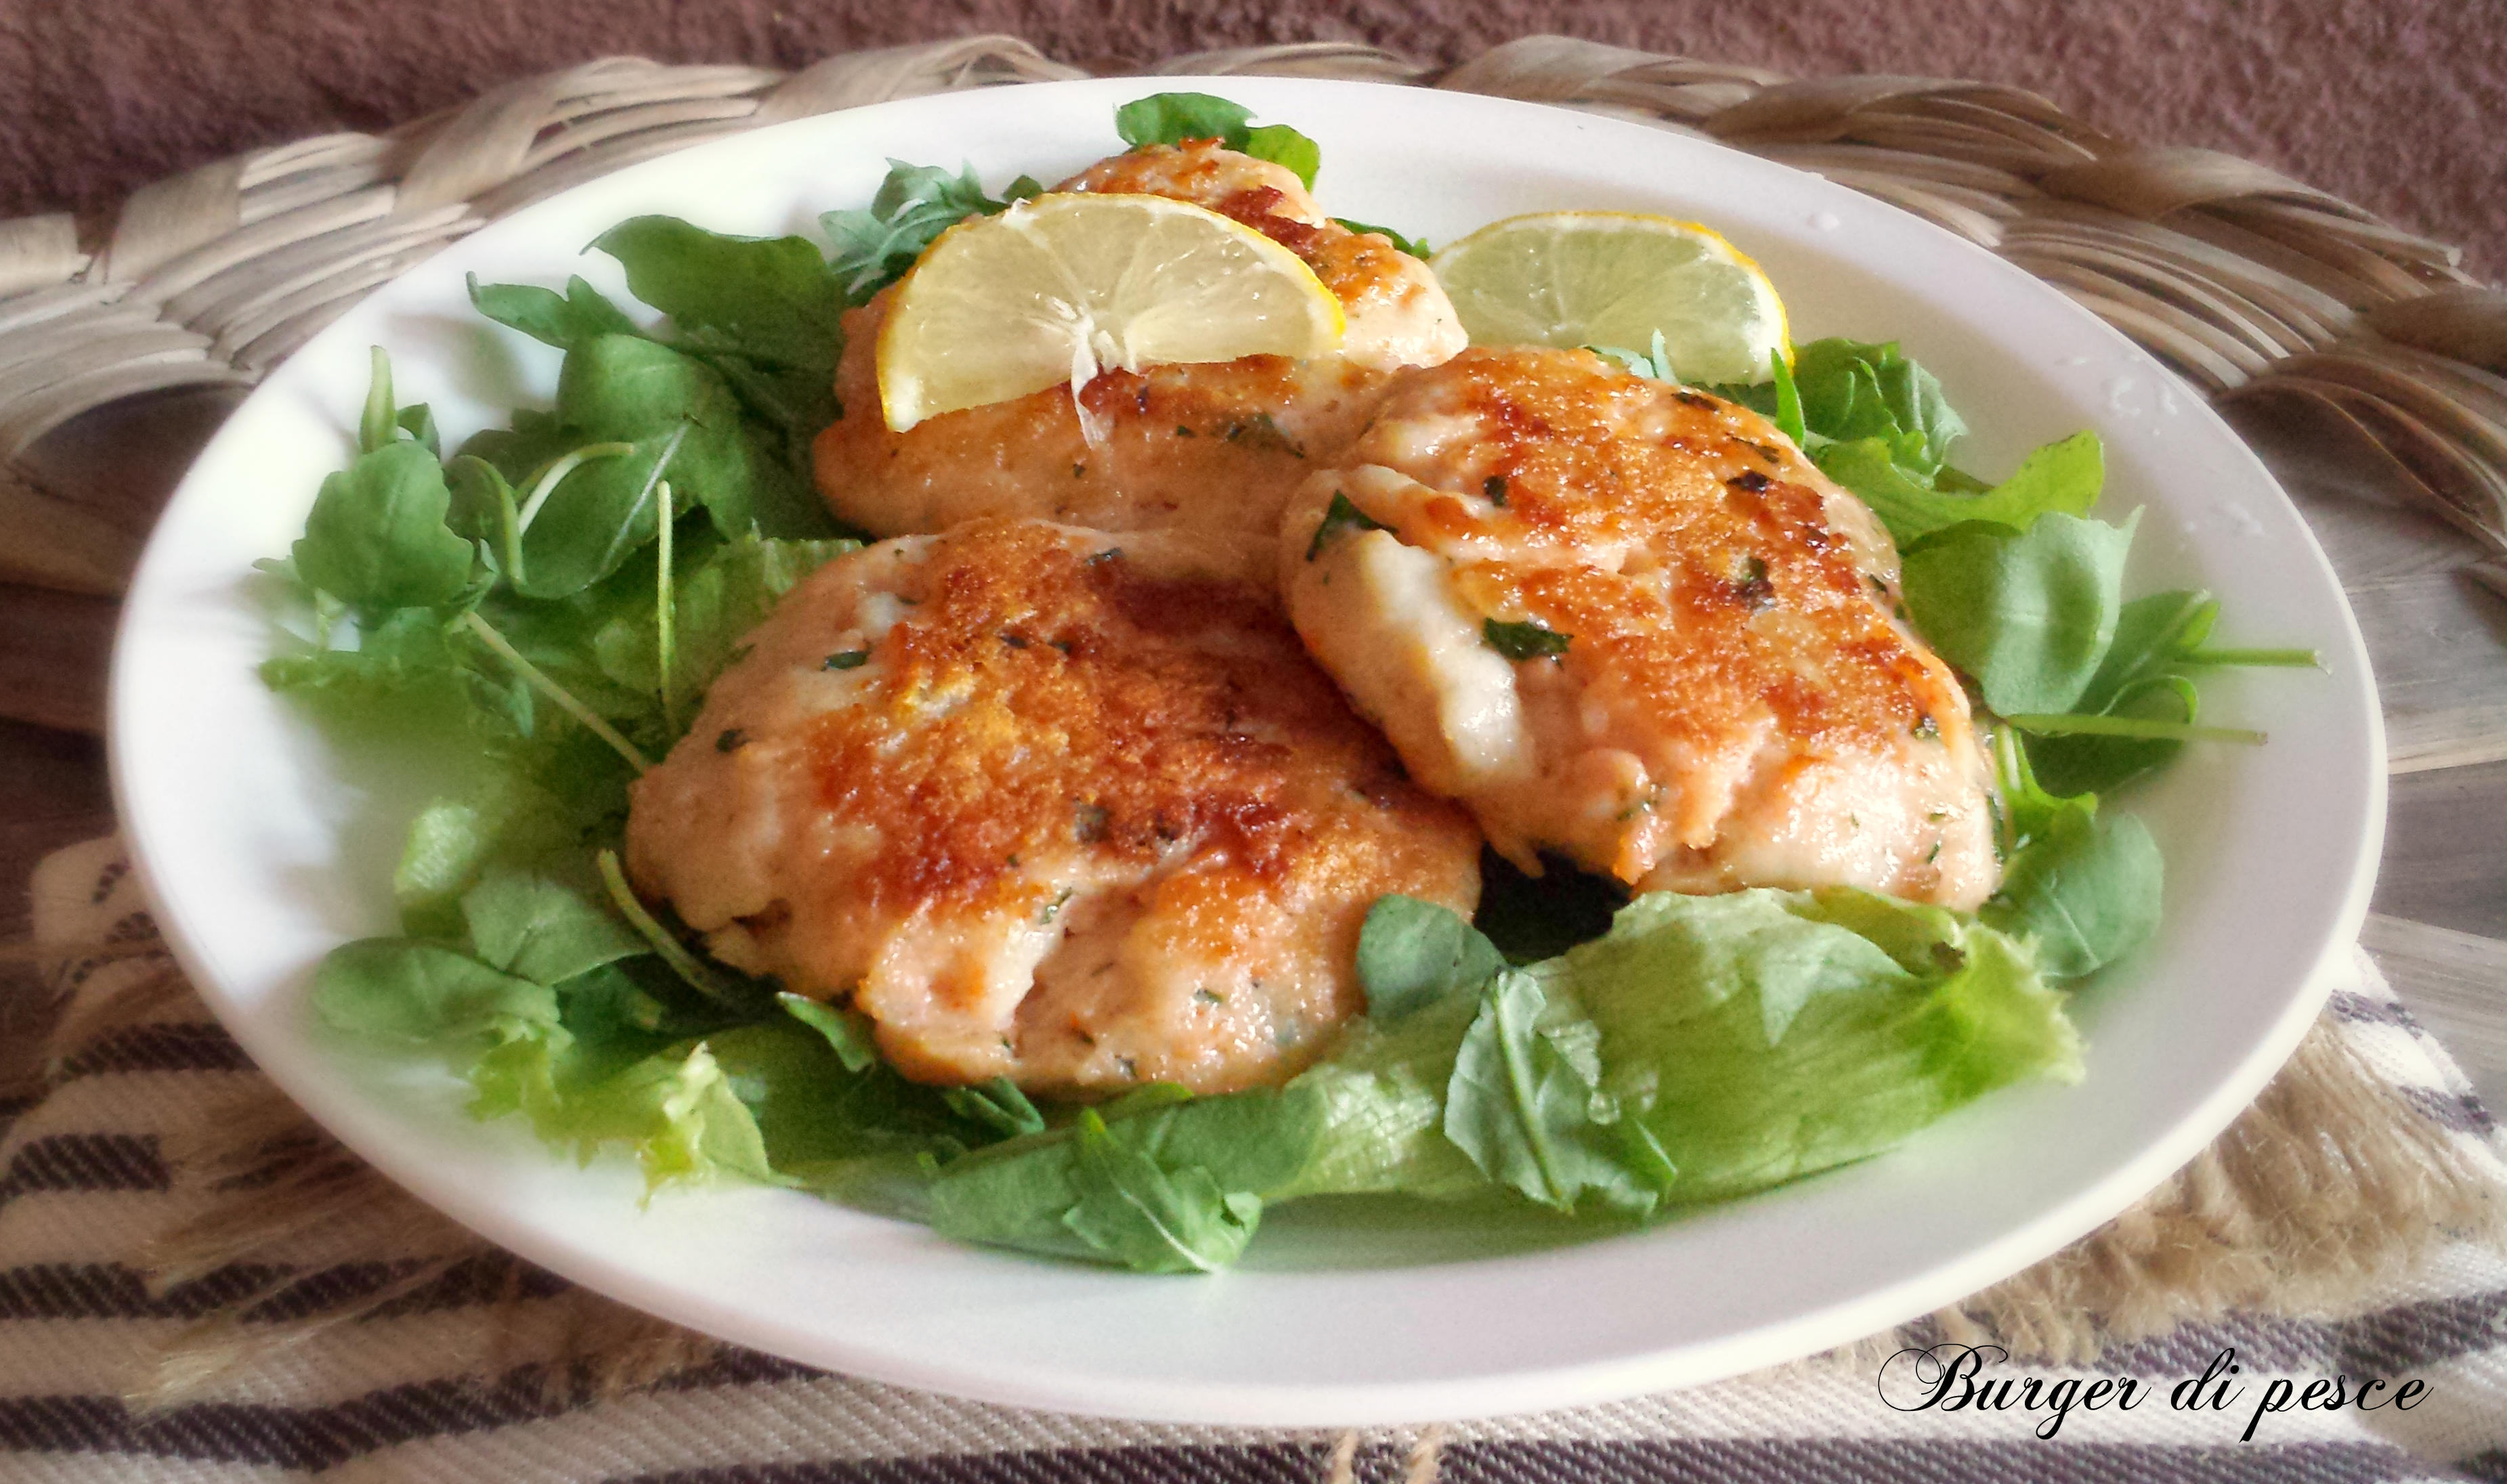 Burger di pesce secondo piatto for Secondi piatti di pesce